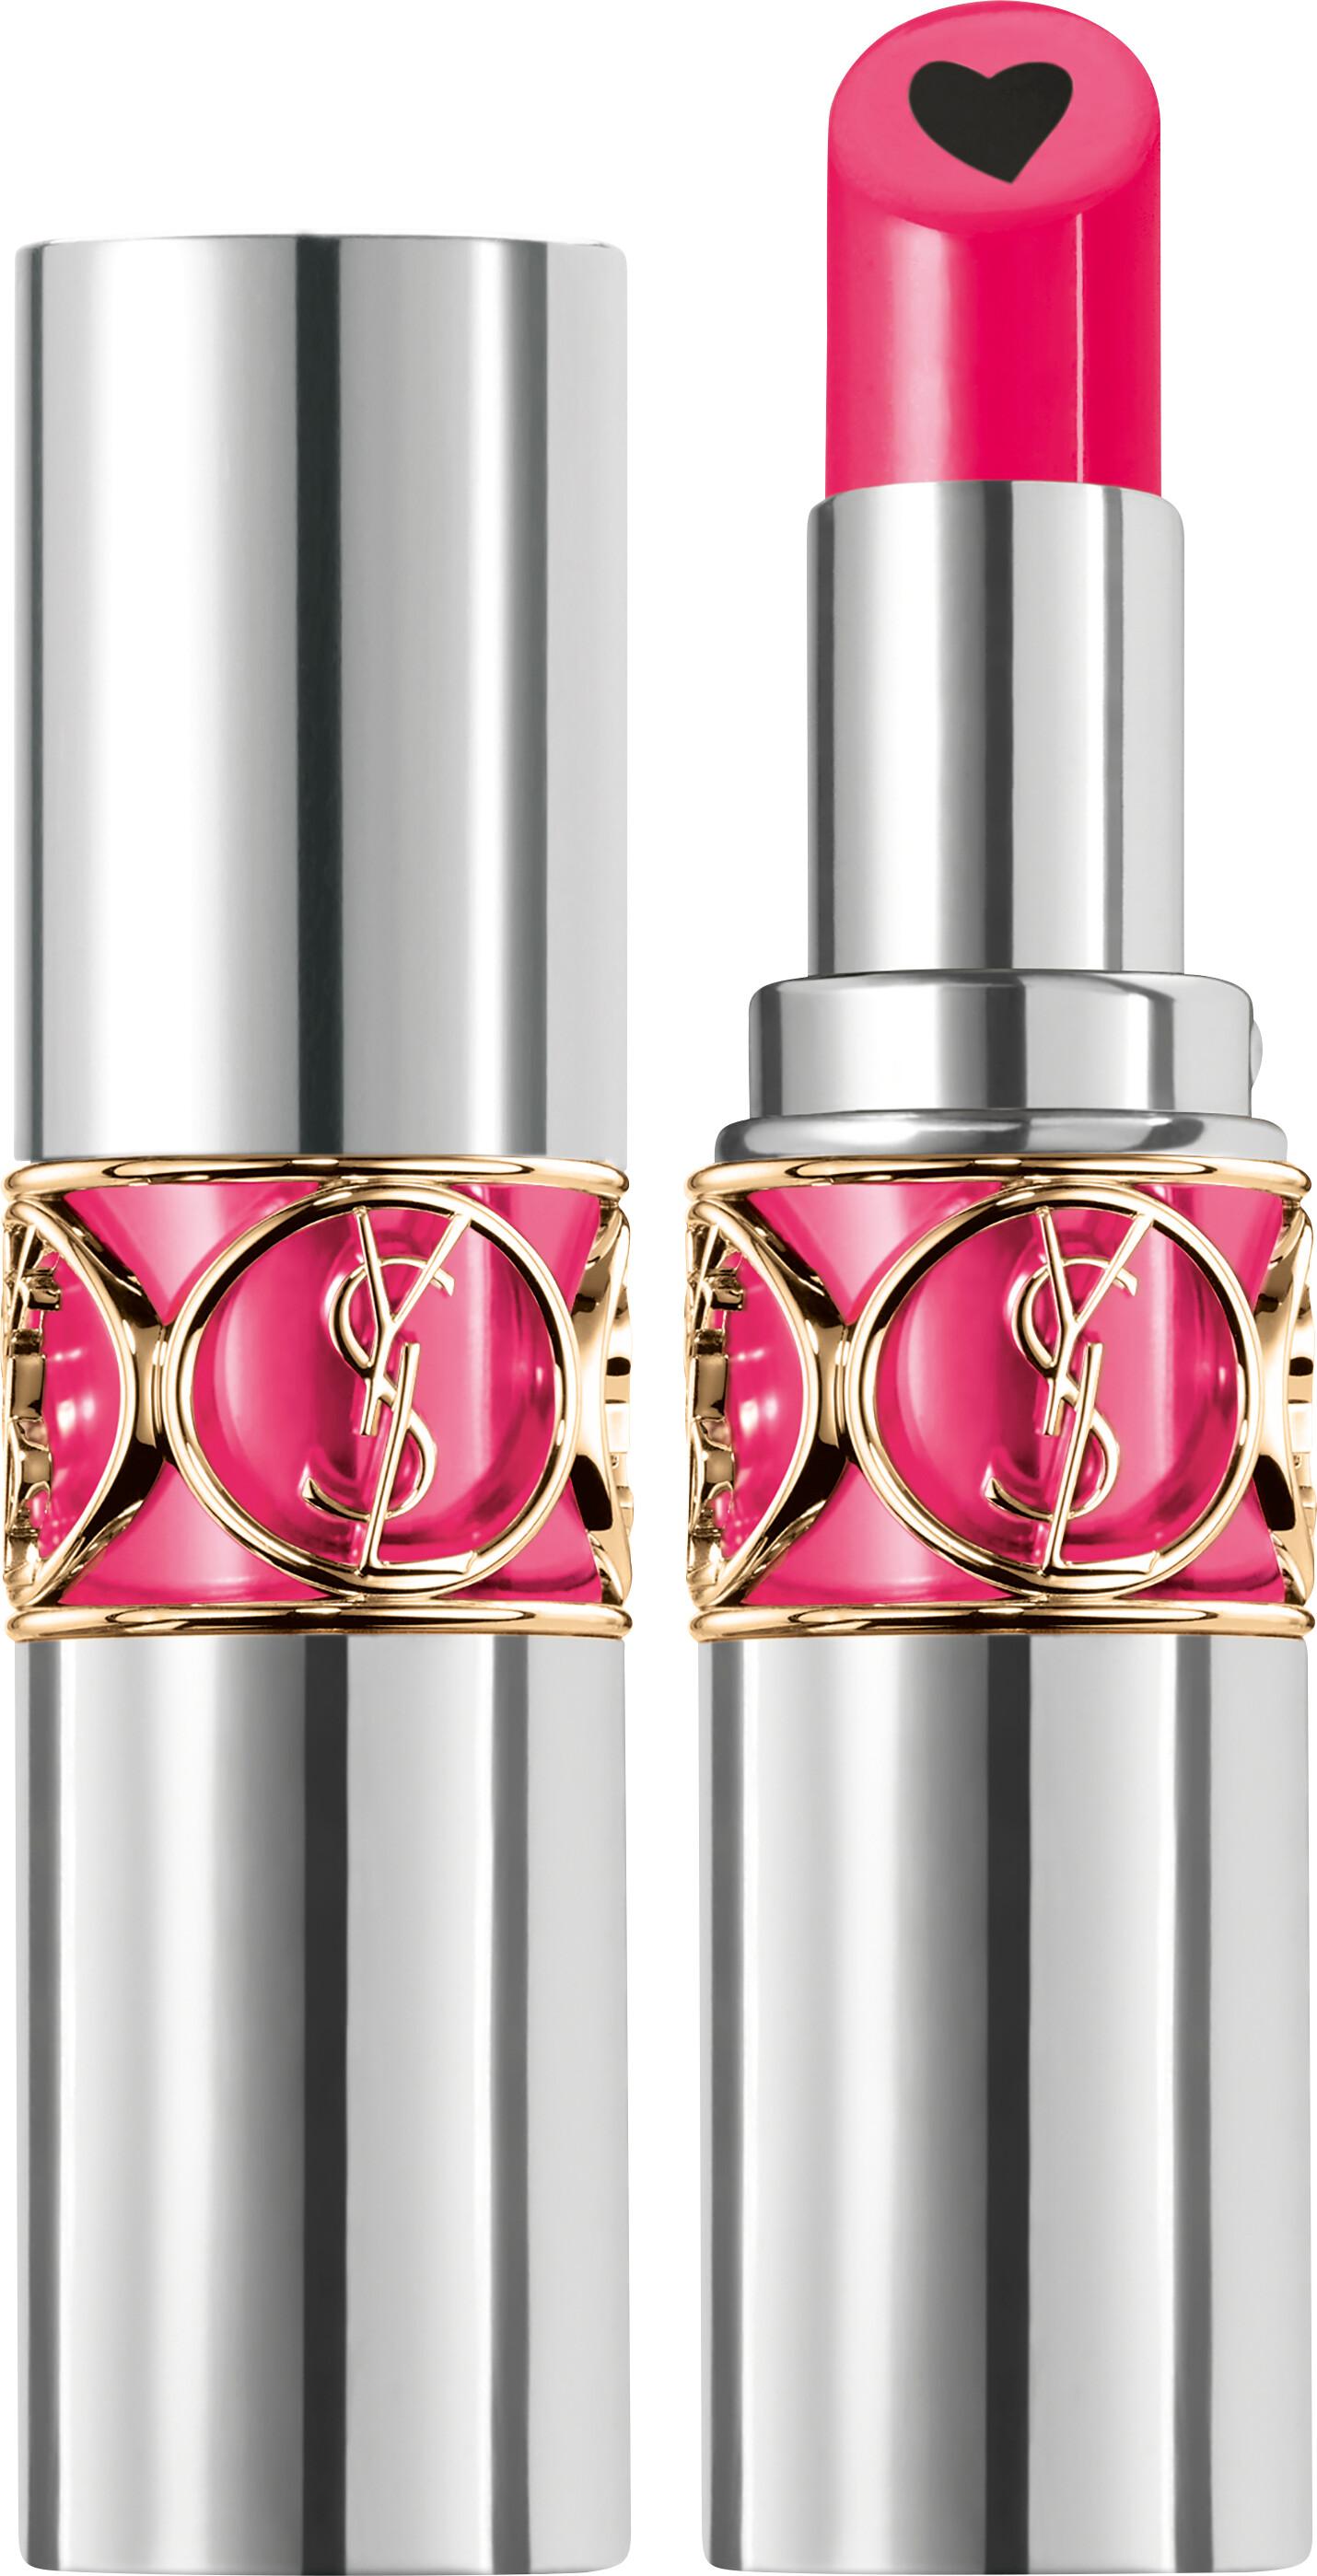 Yves Saint Laurent Volupte Plump-In-Colour Lip Colour-6102